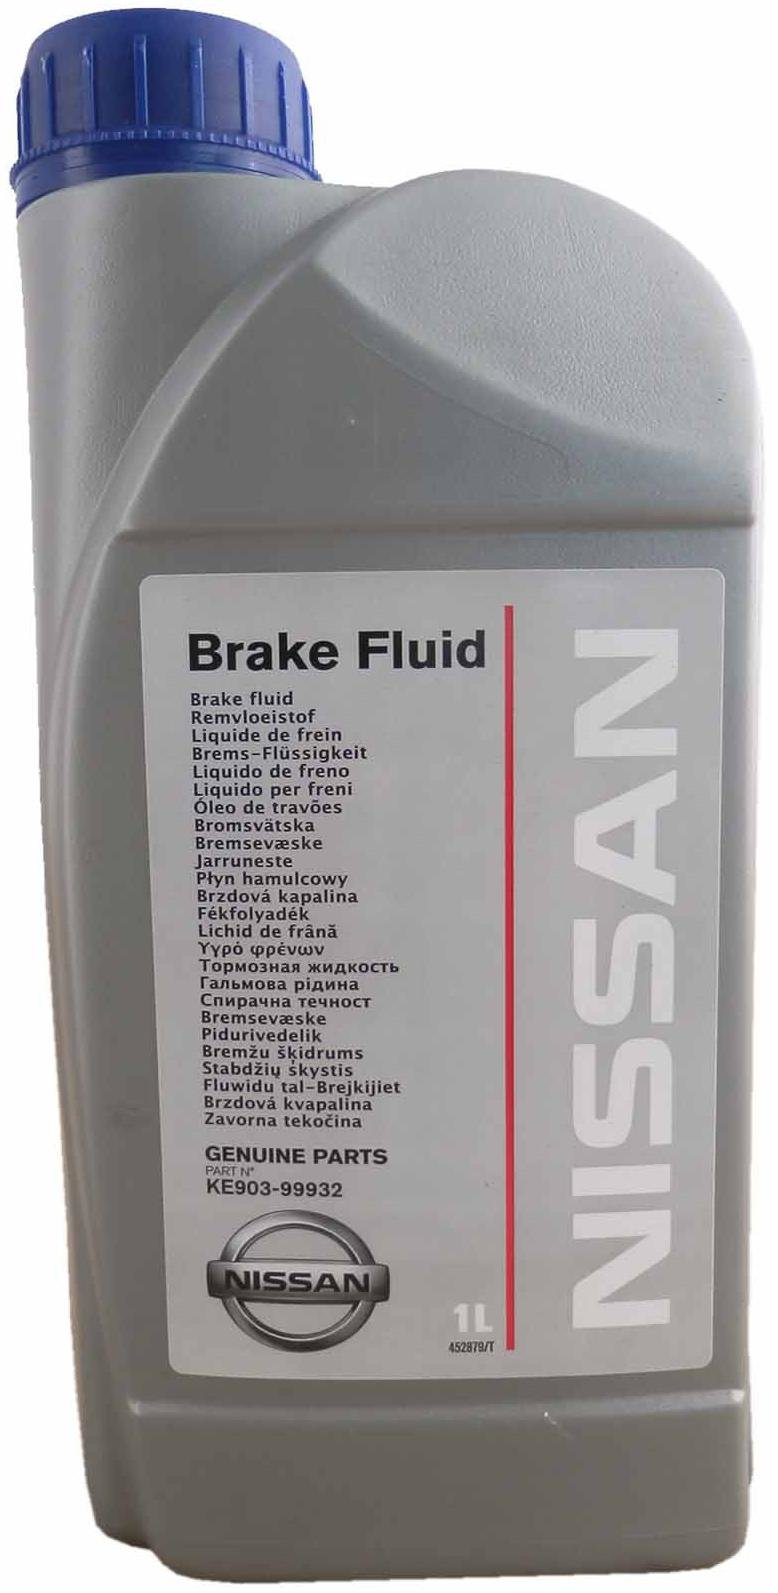 Тормозная жидкость NISSAN Brake Fluid DOT-4 1л